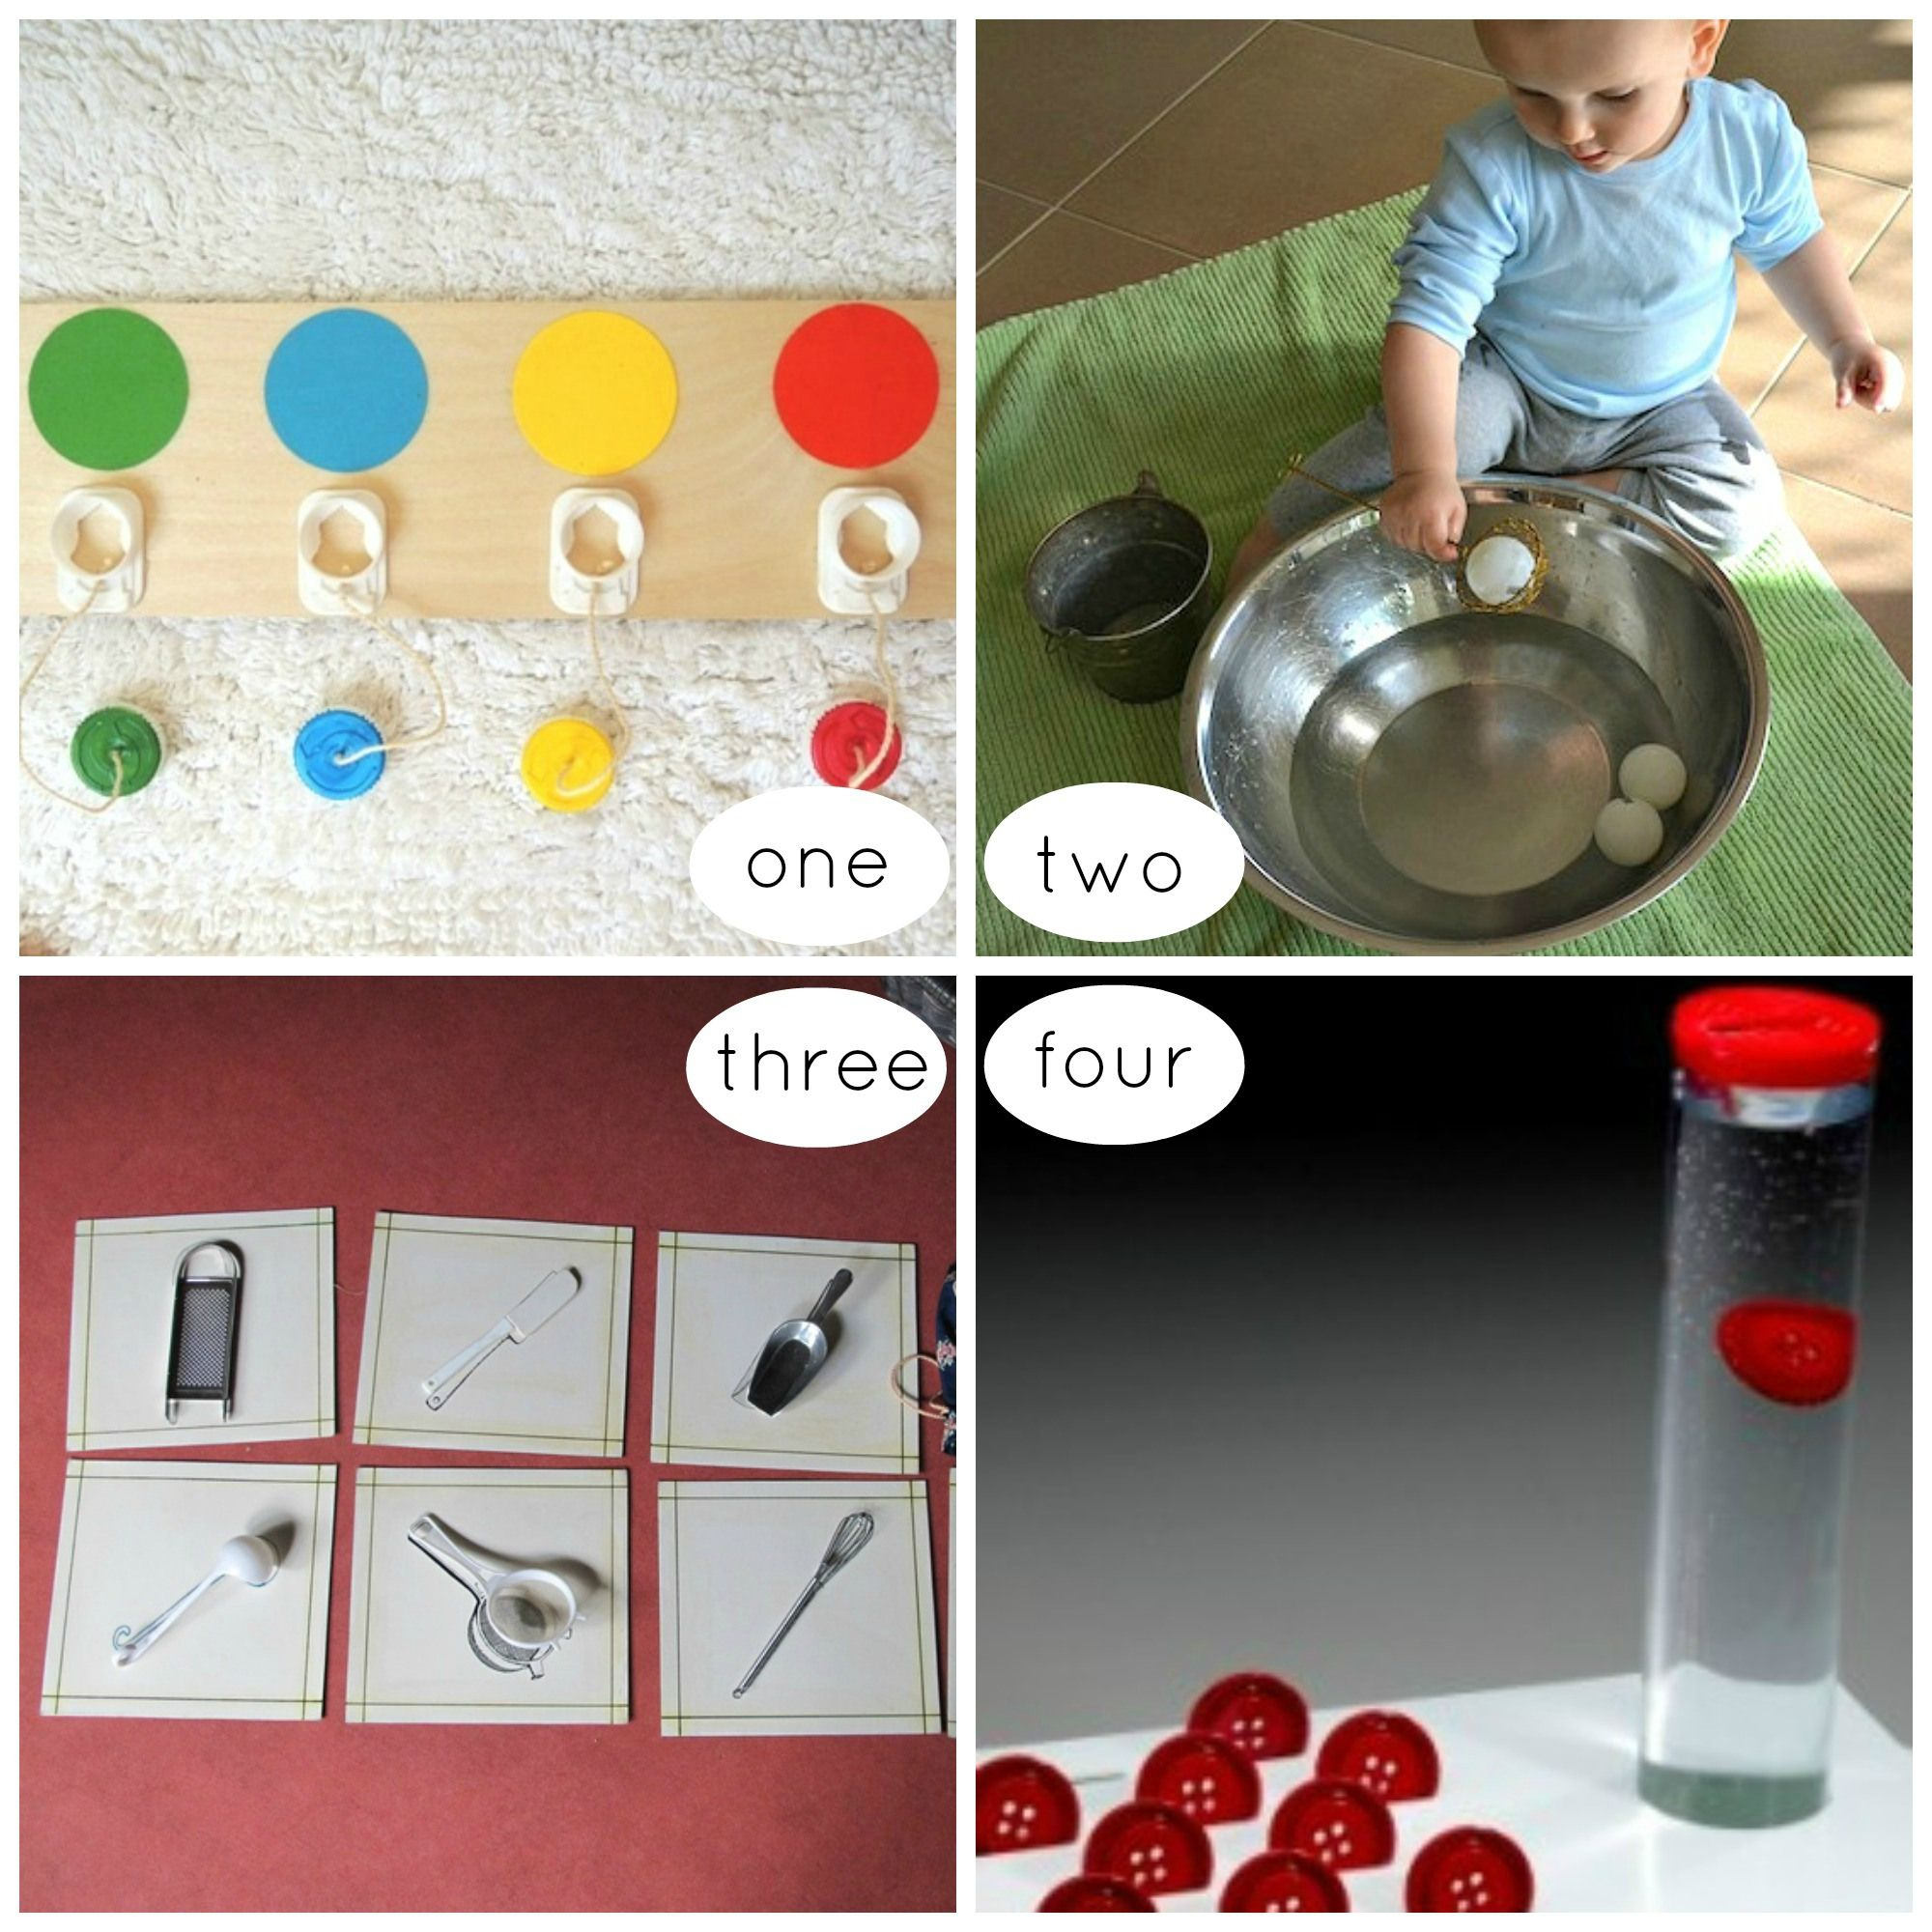 activit s d 39 inspiration montessori pour les tout petits cole pinterest montessori pour. Black Bedroom Furniture Sets. Home Design Ideas